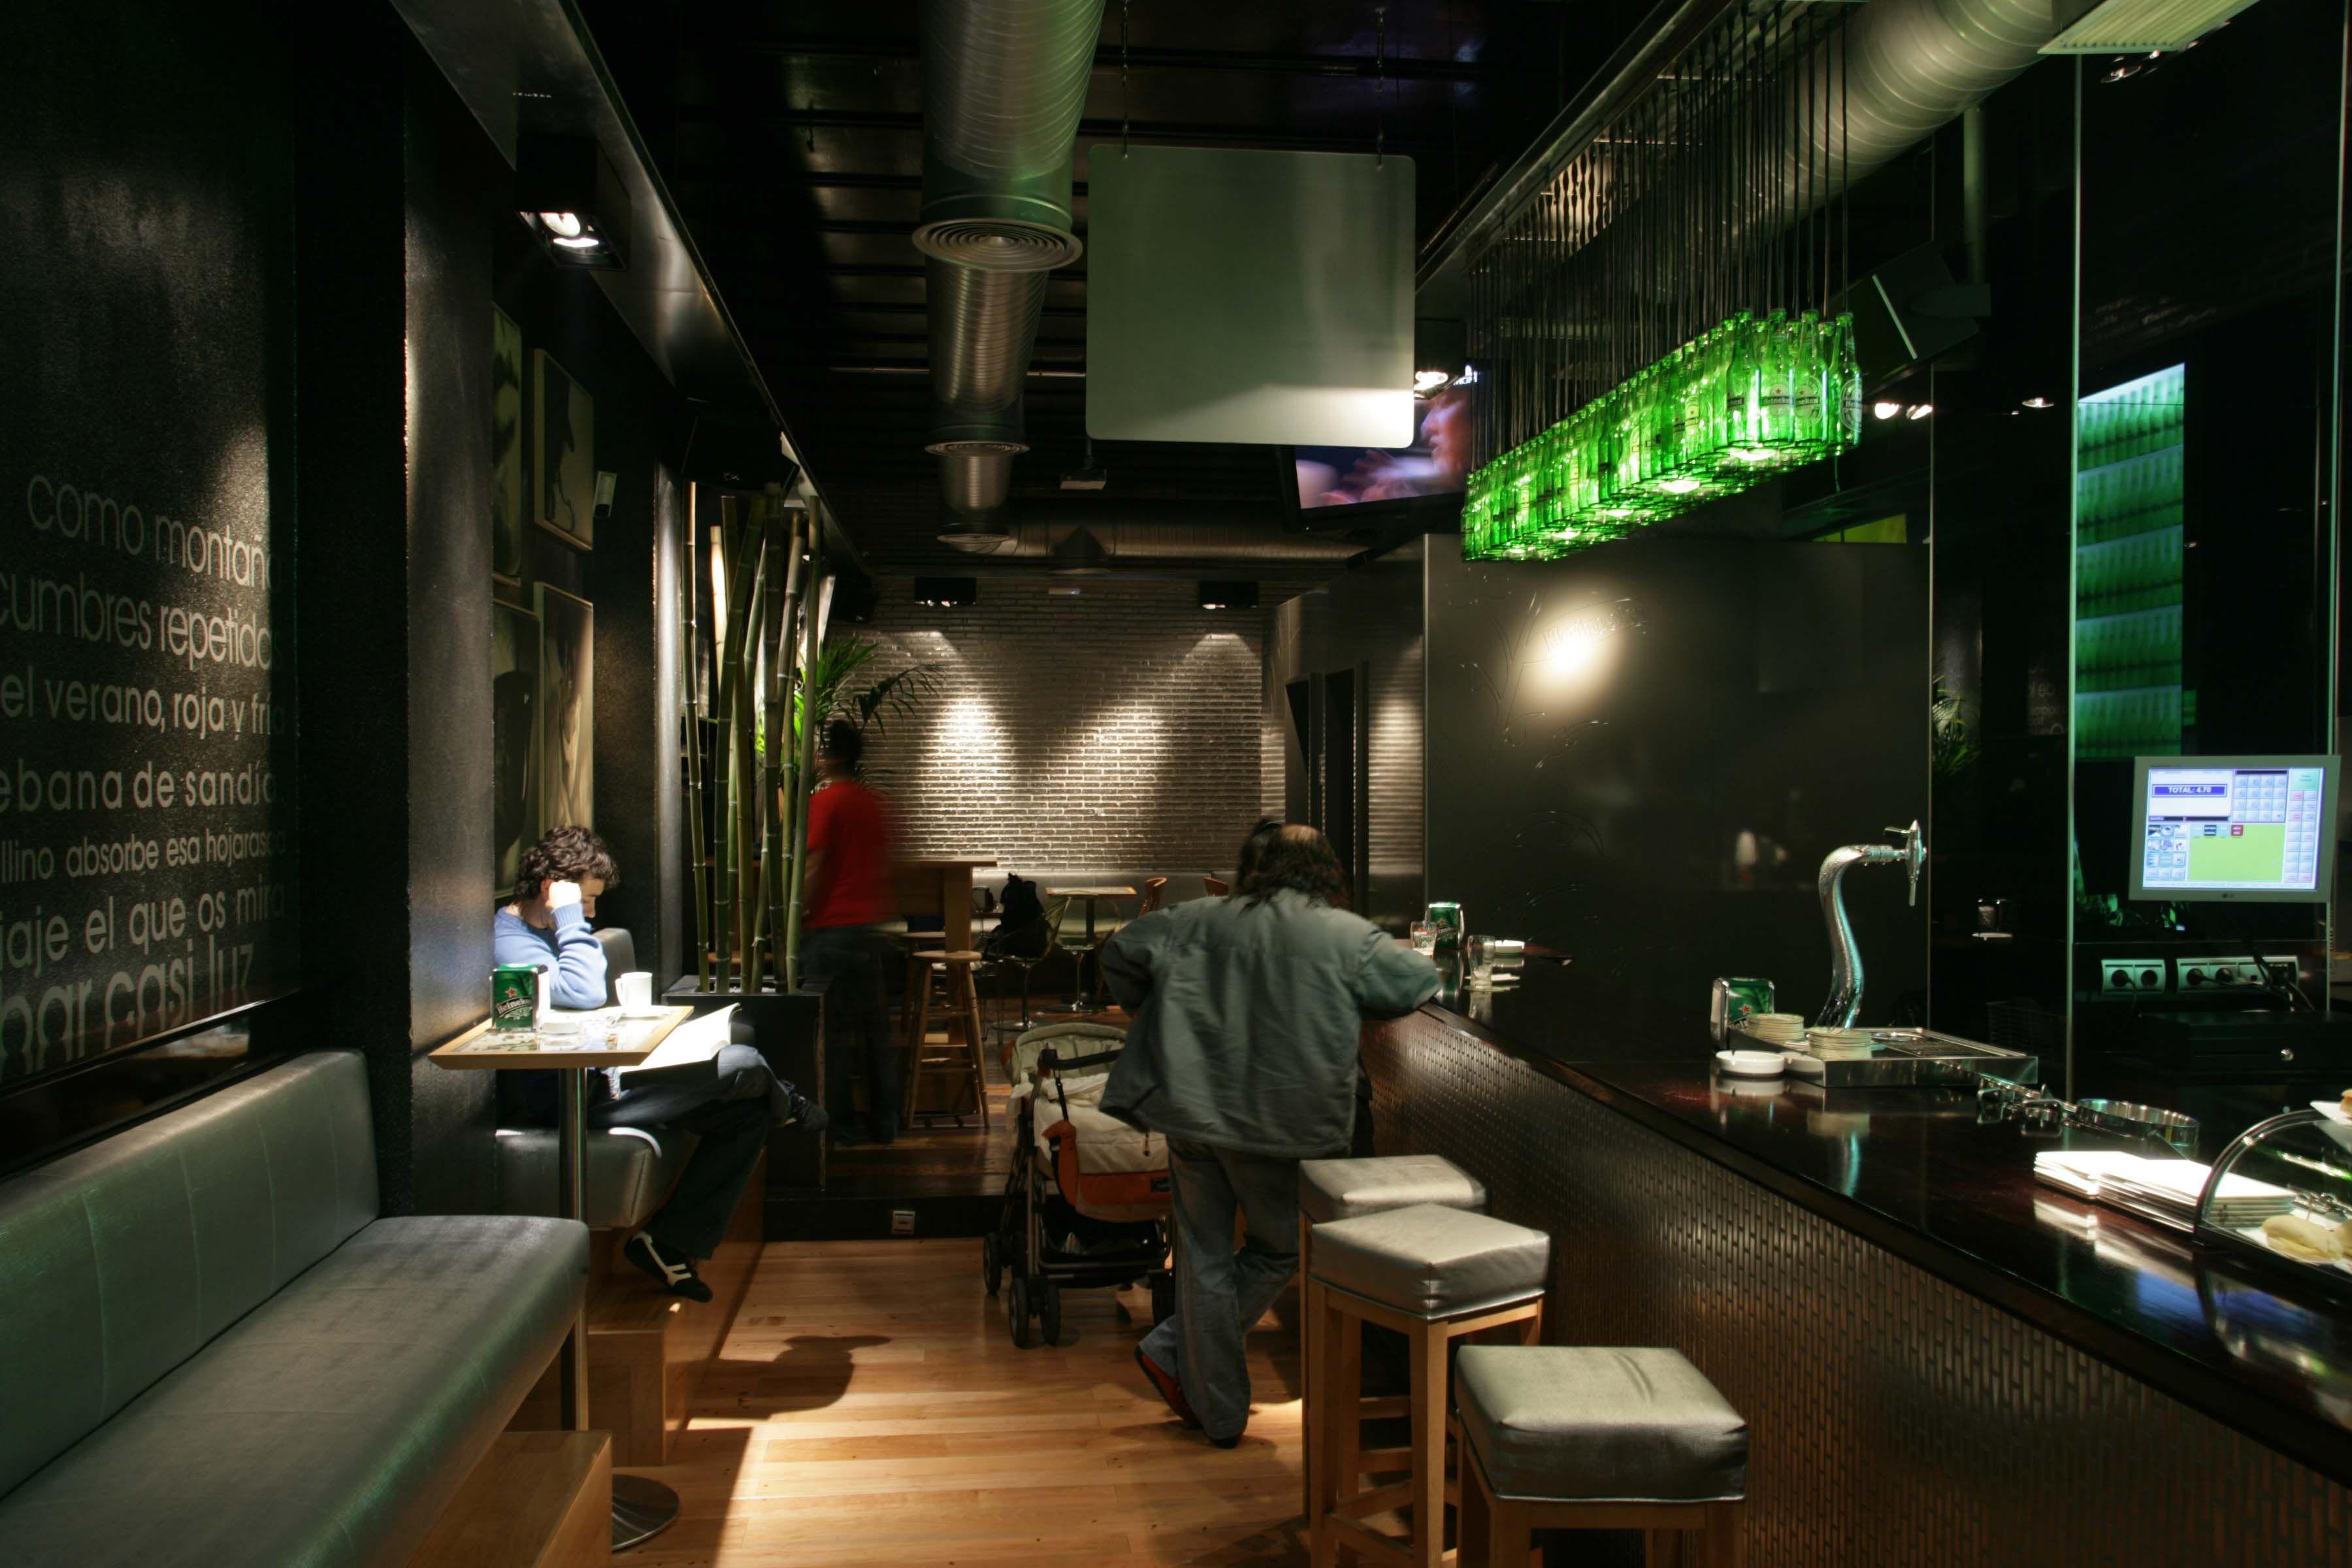 Proyecto Iluminación Bar Heineken Urban Concept En Burgos Iluminacion Taraluxiluminacion Diseño De Discoteca Terraza Restaurant Iluminación